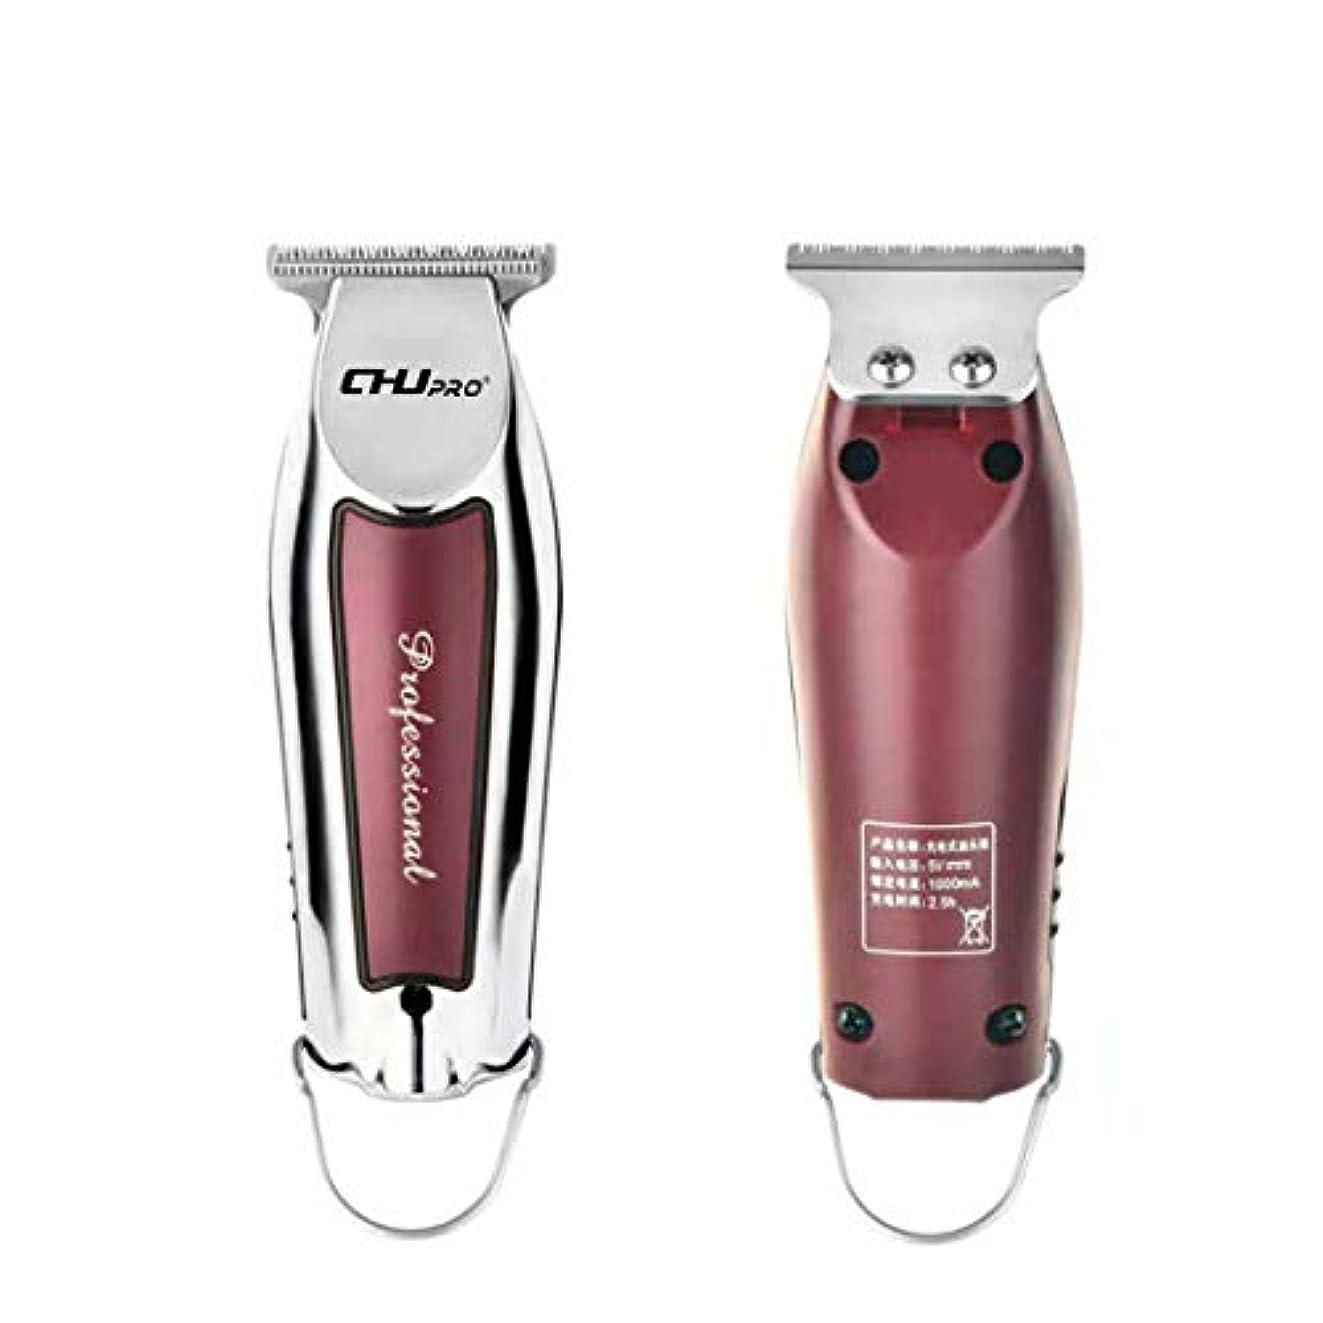 使用法メロドラマティックハイライトMIOIM 電動シェーバー 深剃り 電動バリカン USB充電 ヘアカッター コードレス 刈り高さ調節可能 メンズ バリカンこども用 持ち運び 家庭用 業務用